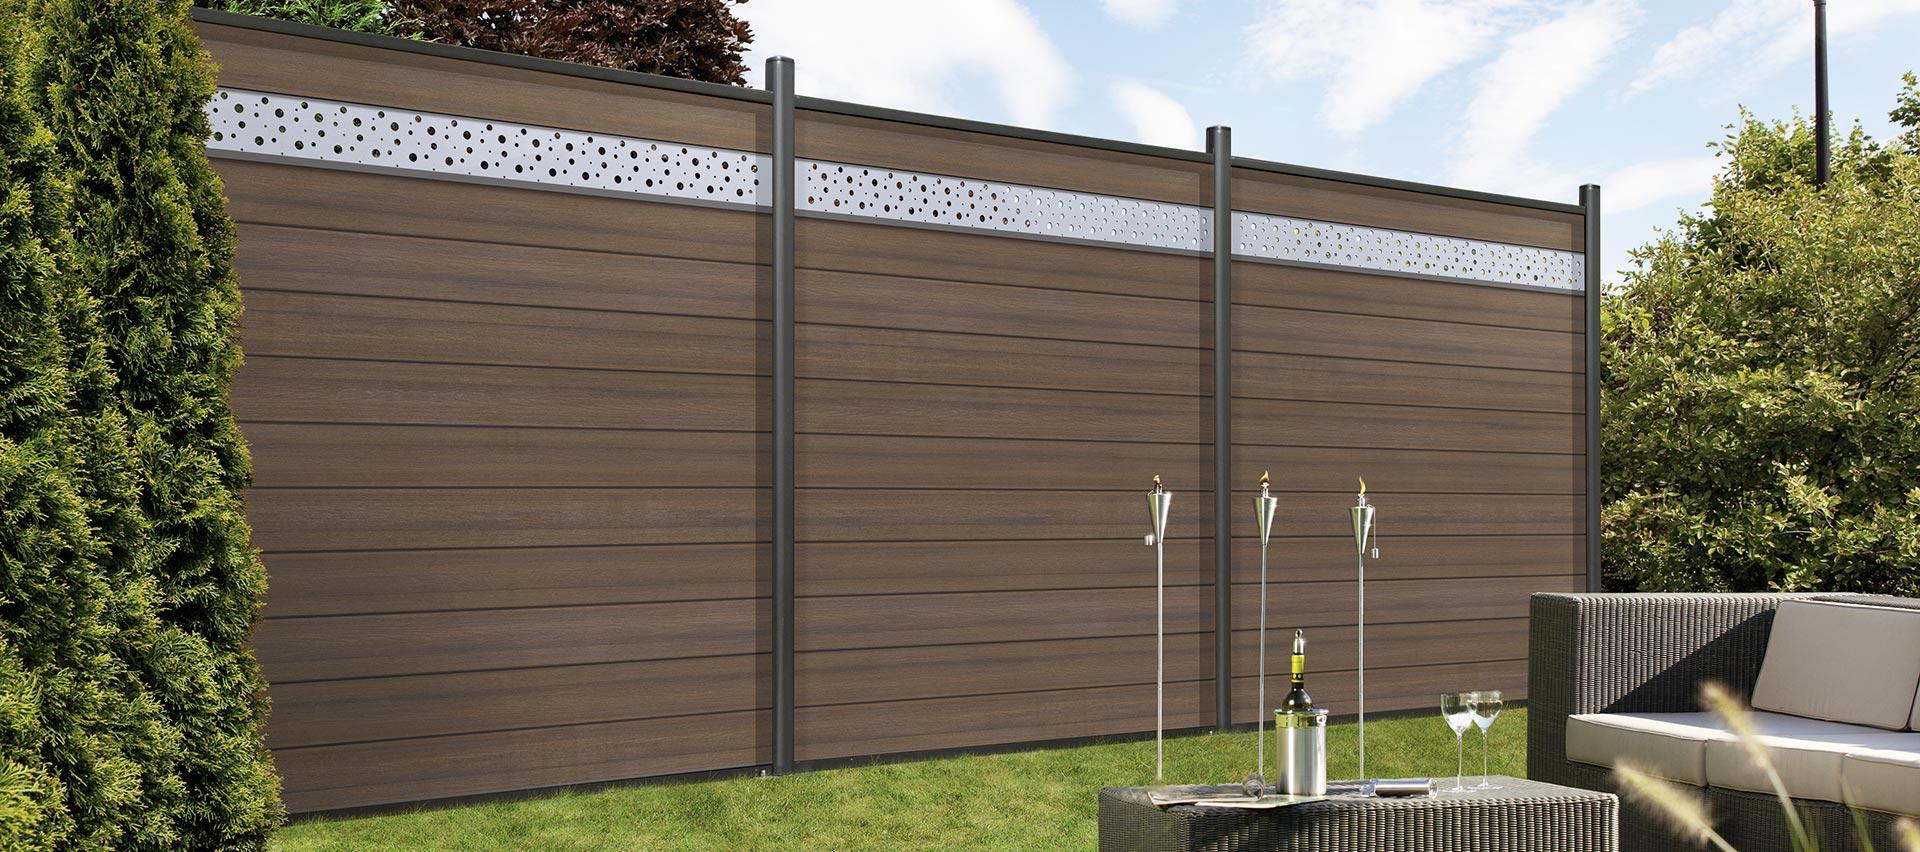 Sichtschutzzäune im Garten von Holz-Hauff in Leingarten